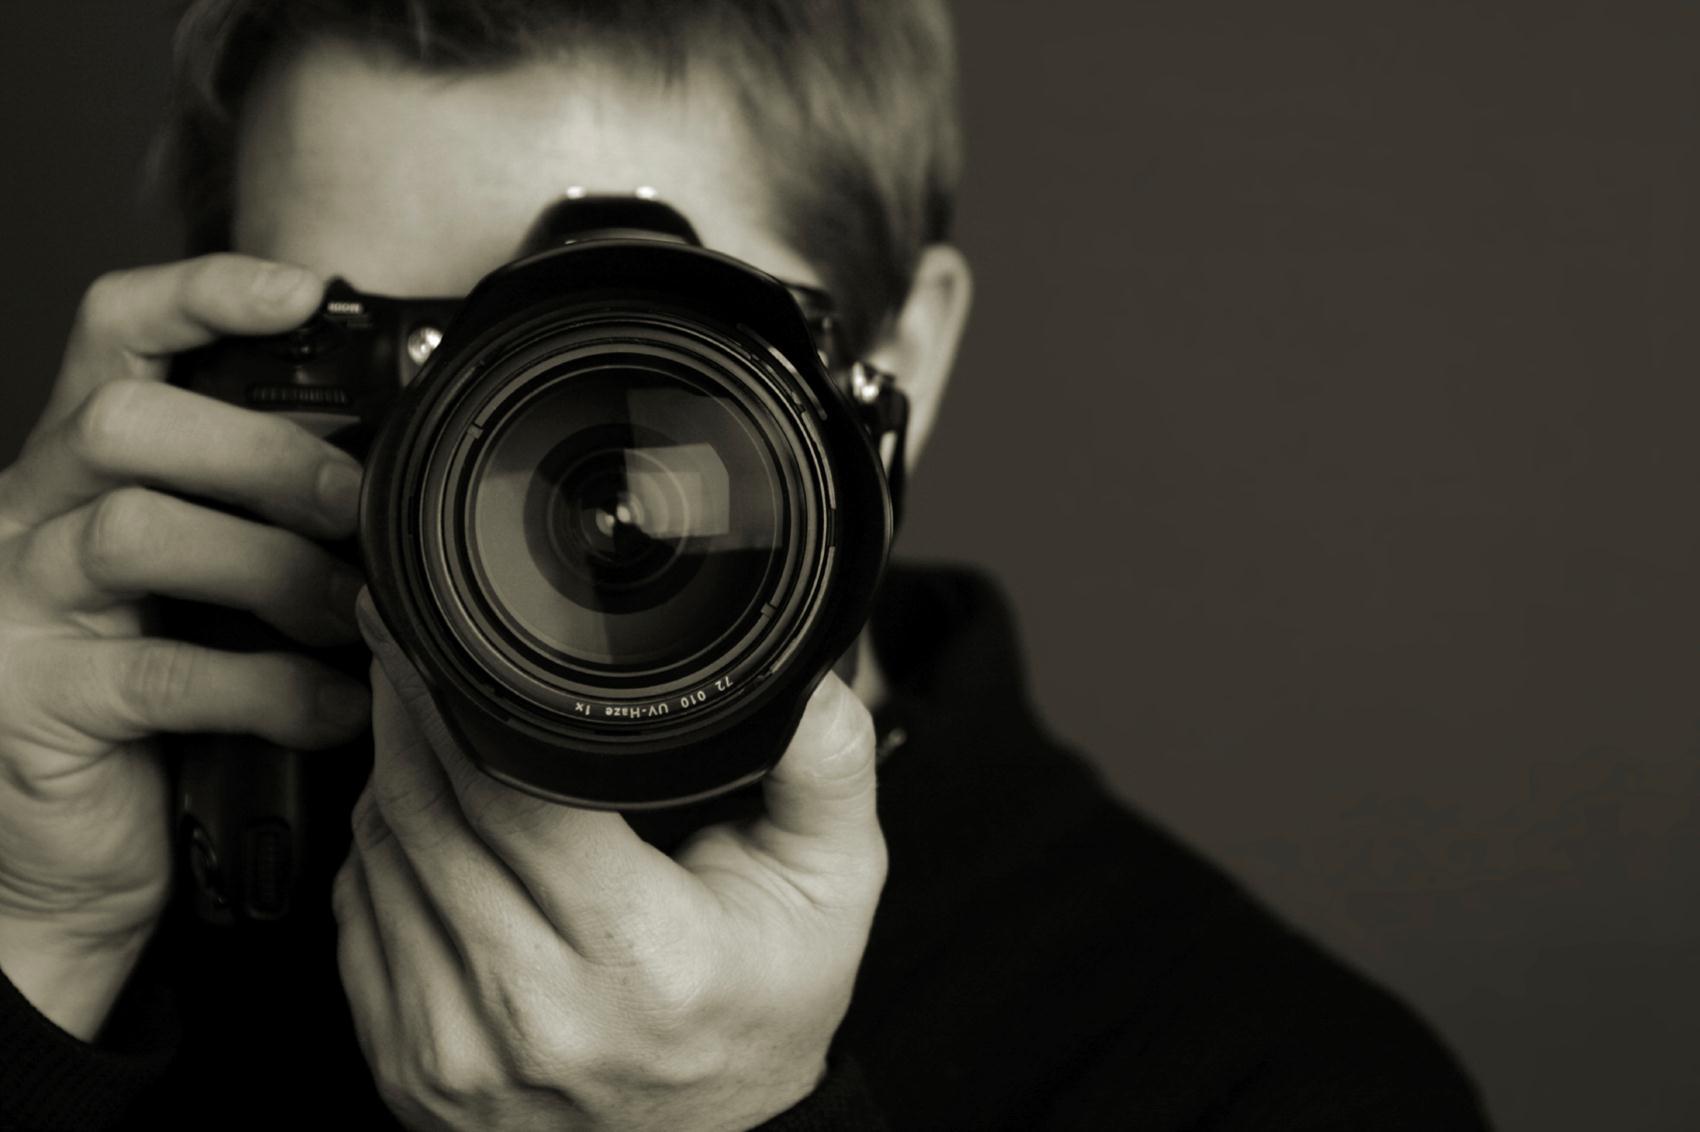 دپارتمان عکاسی ایران سایت، خدمات عکاسینور پردازی برای عکس برداری در این زمینه باید به طور حرفه ای صورت بگیرد. با  کیفیت بودن یکی از بارزترین خصوصیات این نوع عکس ها و تصاویر ثبت شده می باشد  ...